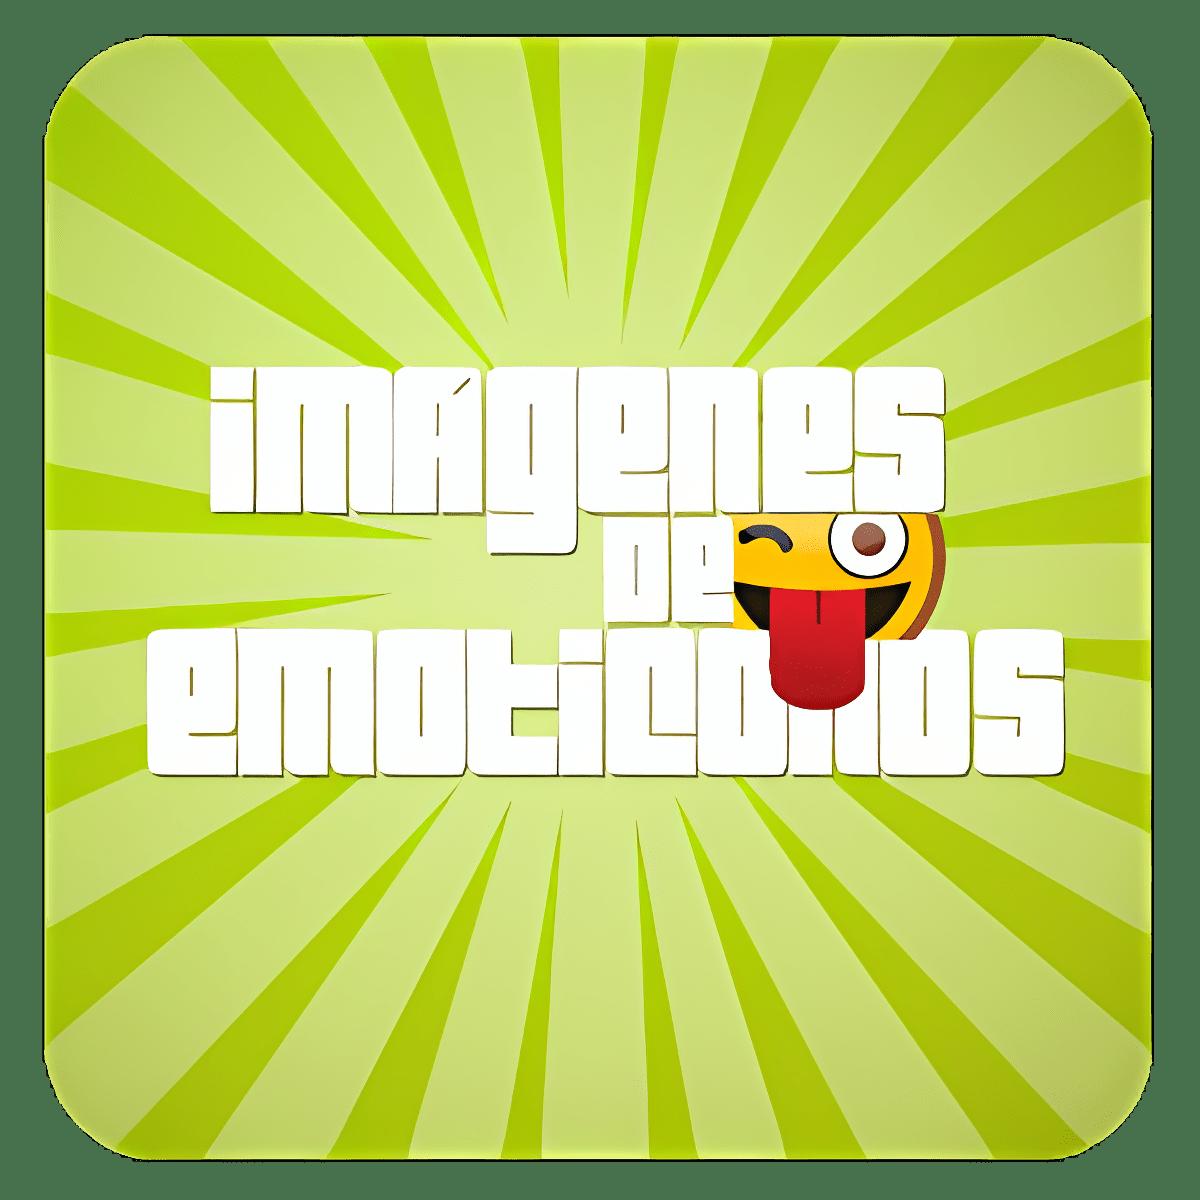 Imagenes de emoticonos